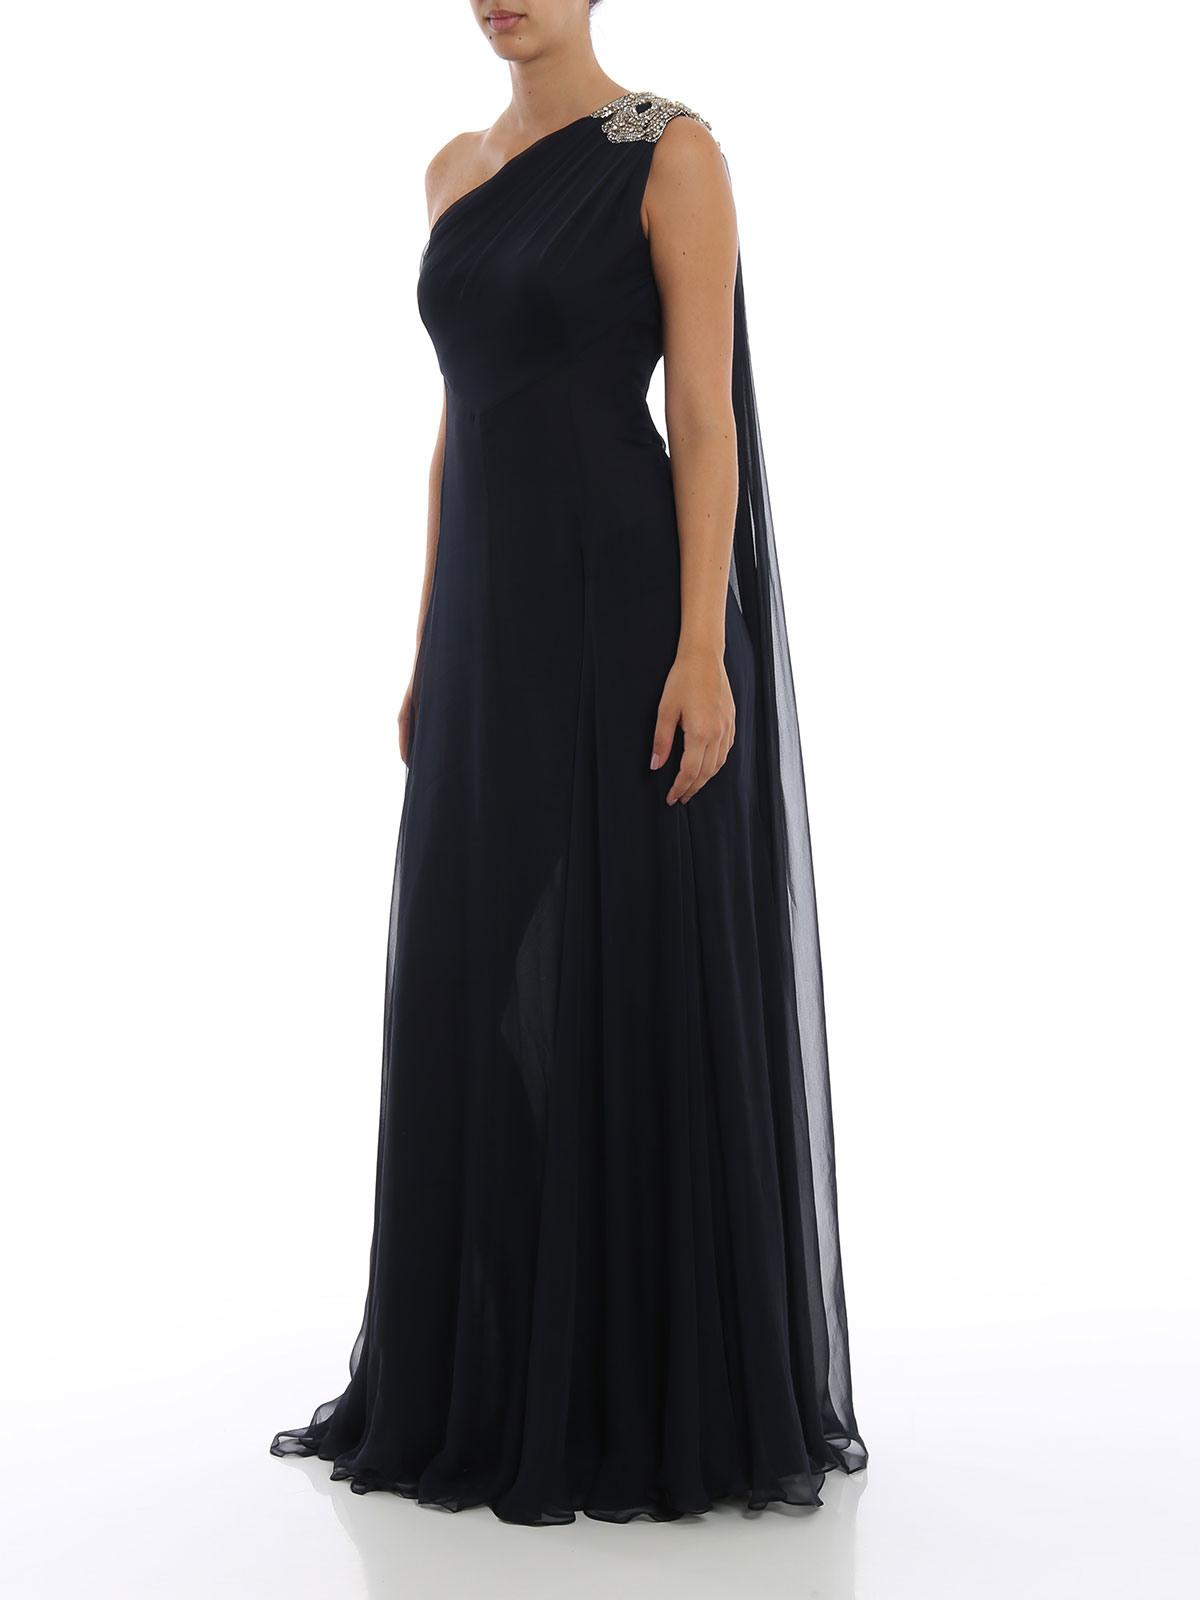 15 Cool Alexander Mc Queen Abendkleid Design Ausgezeichnet Alexander Mc Queen Abendkleid Stylish